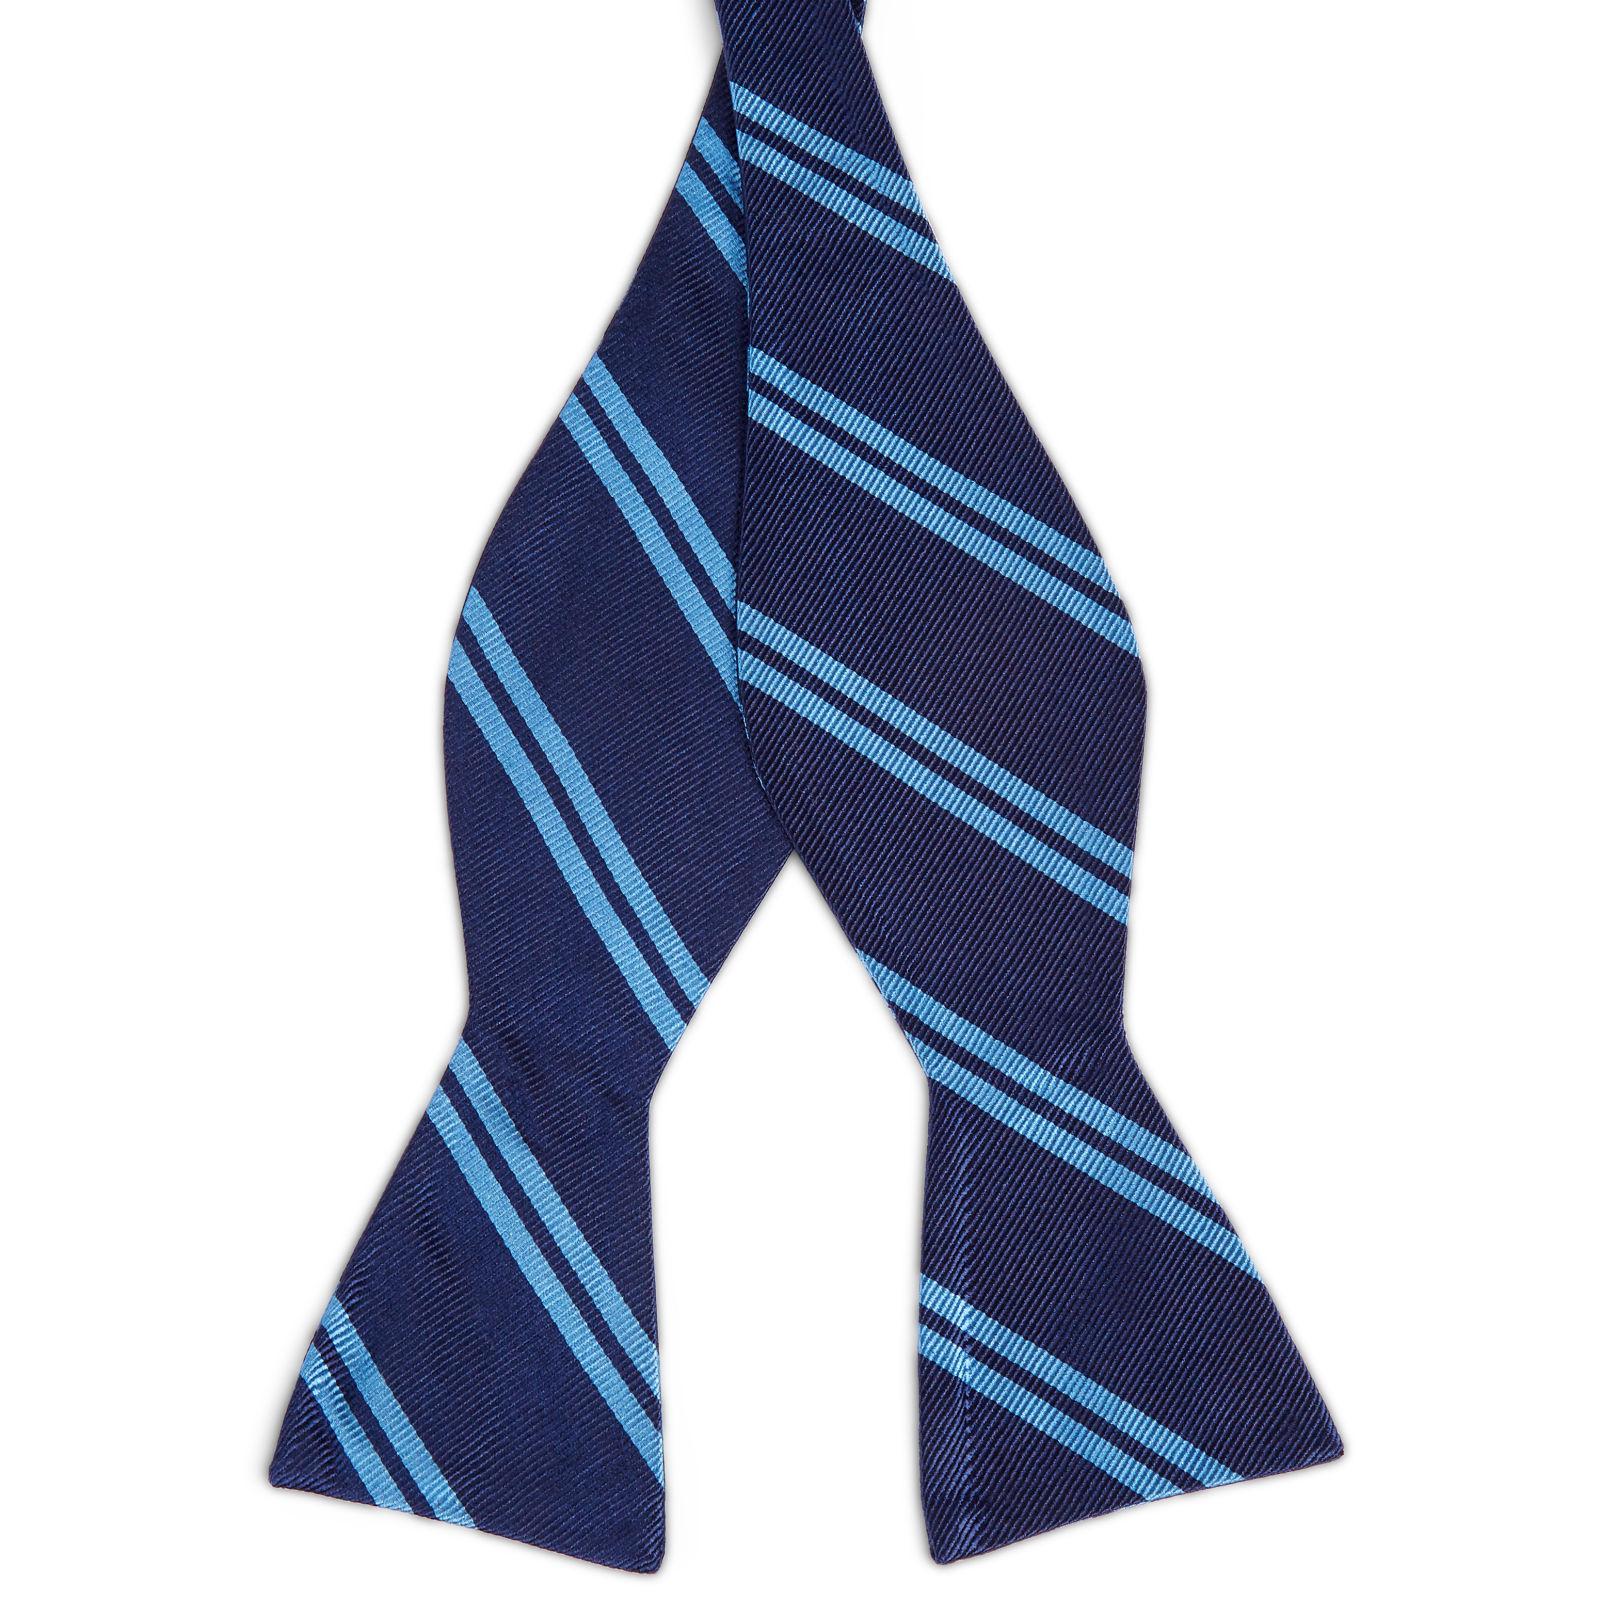 2713f9d6d9c Marineblauwe Zijden Zelfbinder Vlinderdas met Dubbele Blauwe Streep | Op  voorraad | TND Basics